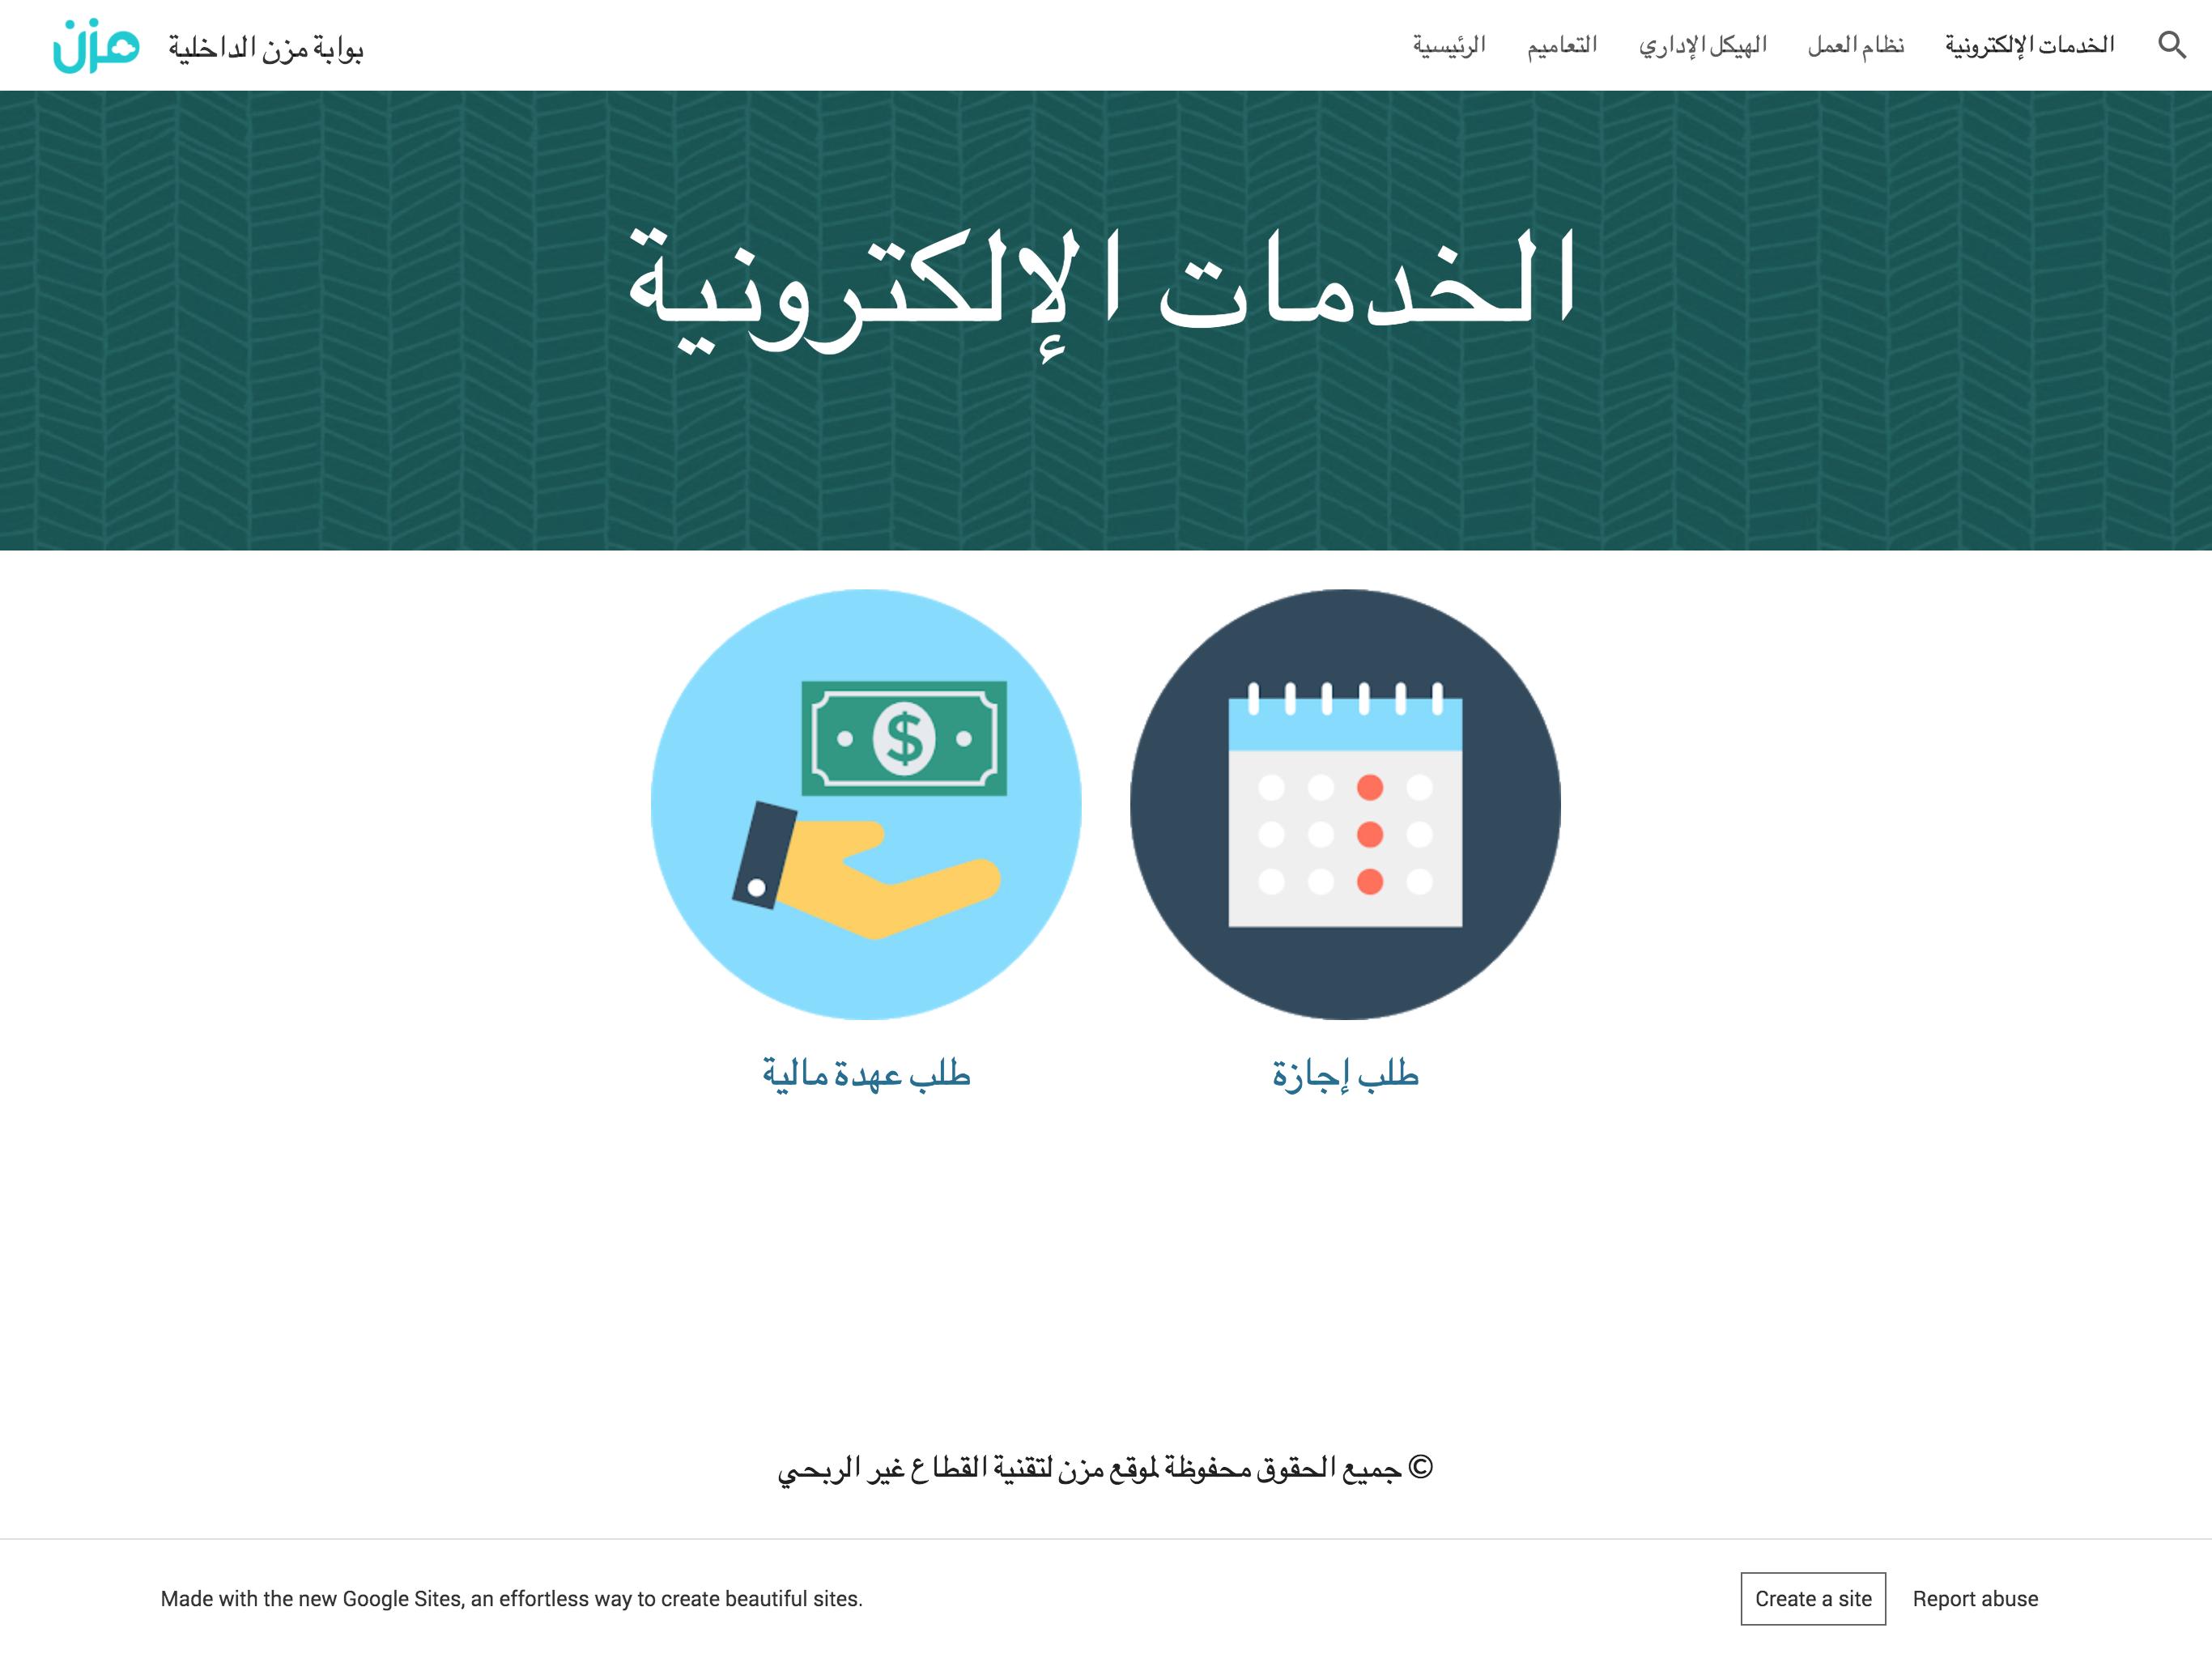 مثال صفحة الخدمات الإلكترونية